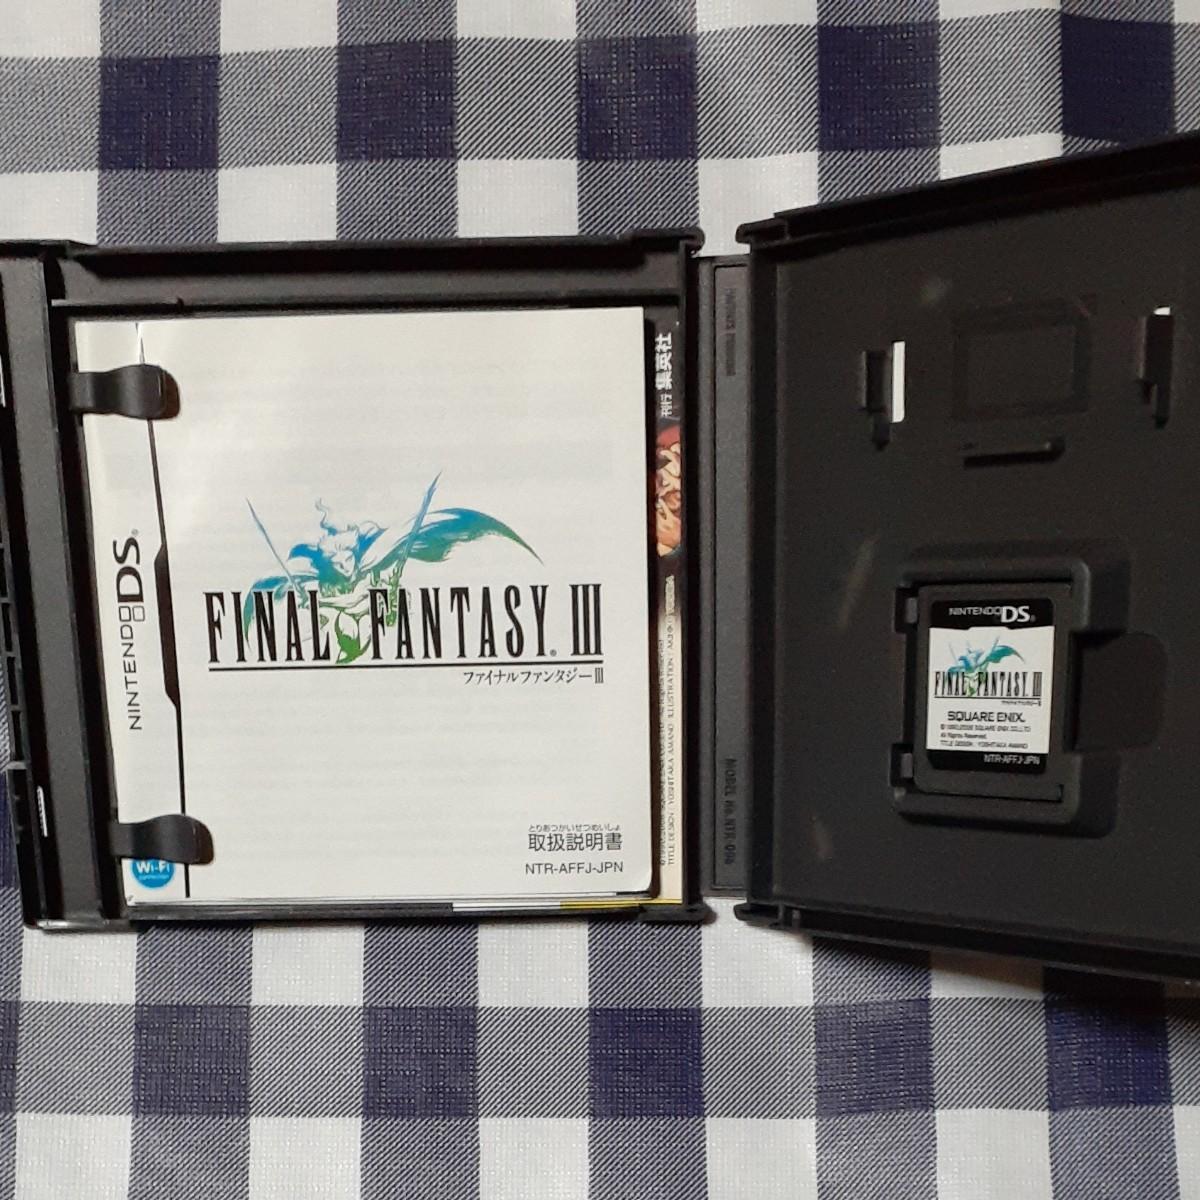 ファイナルファンタジー Ⅲ DS